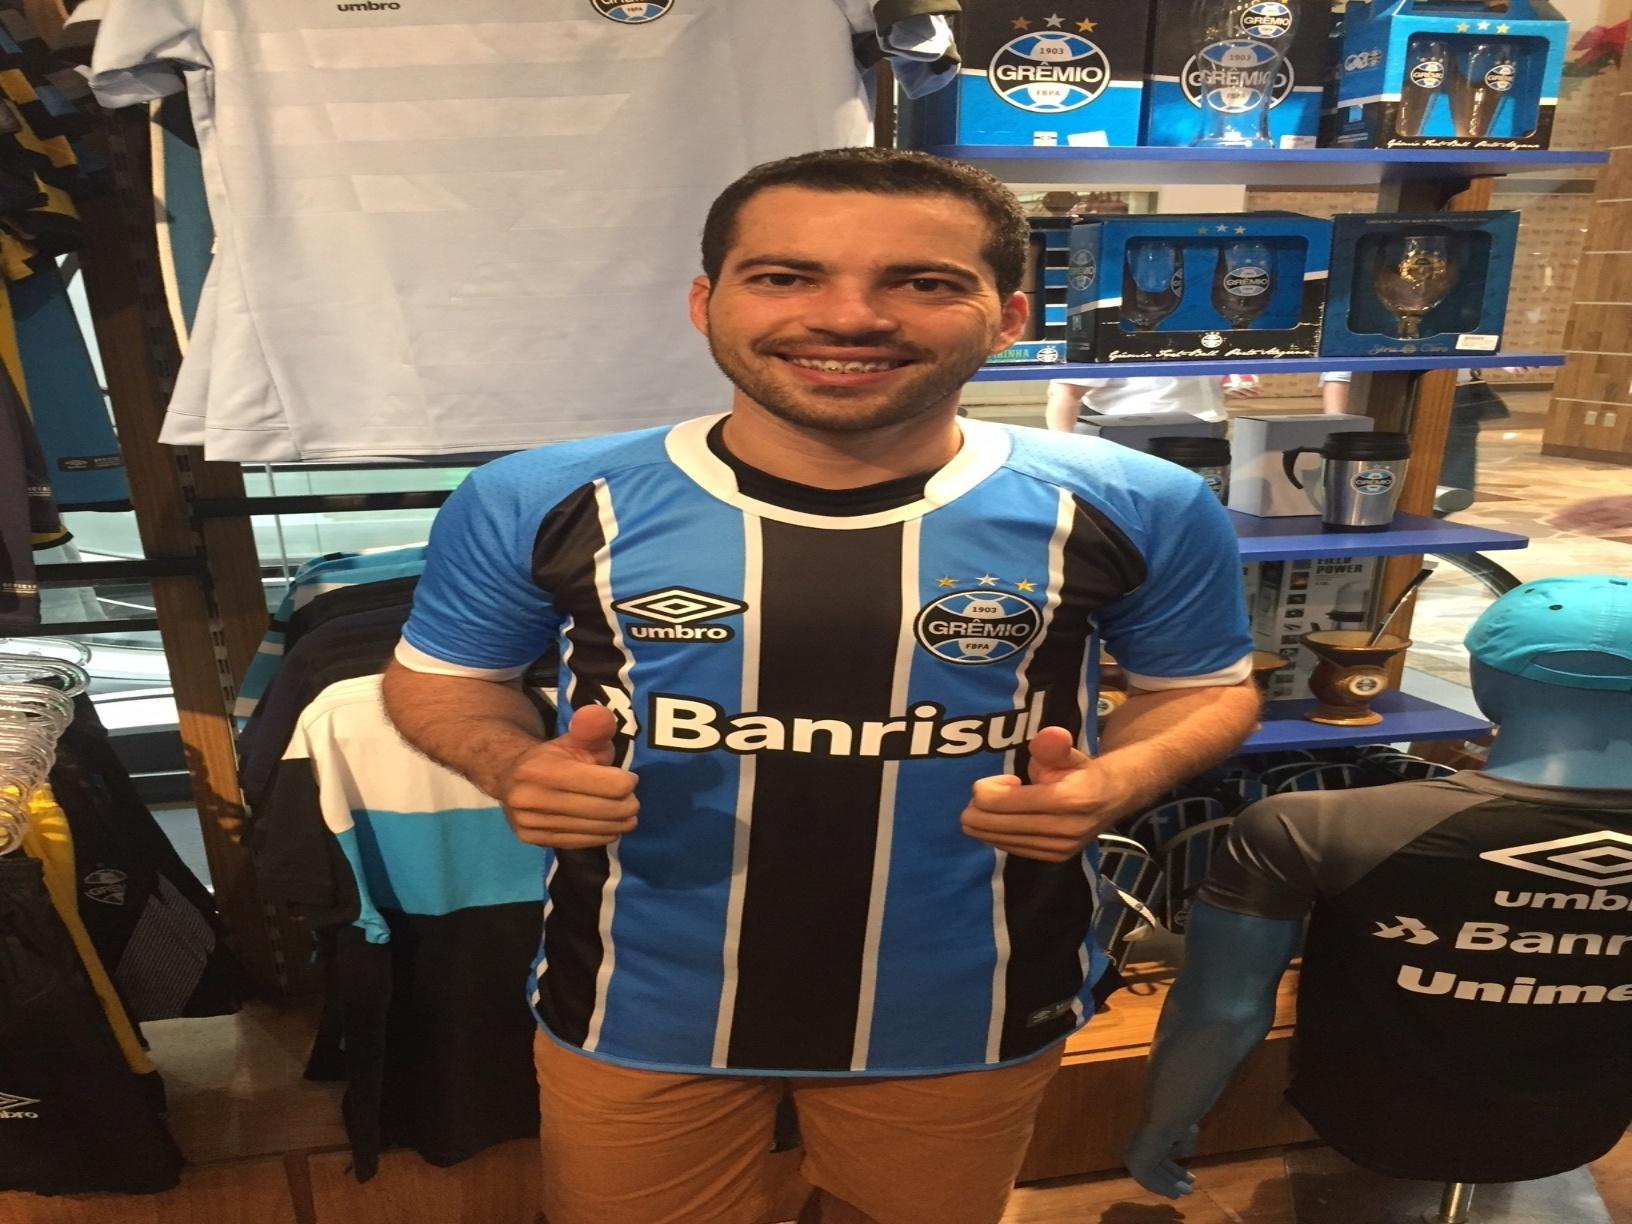 e57f727887eb3 Do Maranhão a Lanús. Gremista cruza o continente para ver time pela 1ª vez  - 29 11 2017 - UOL Esporte